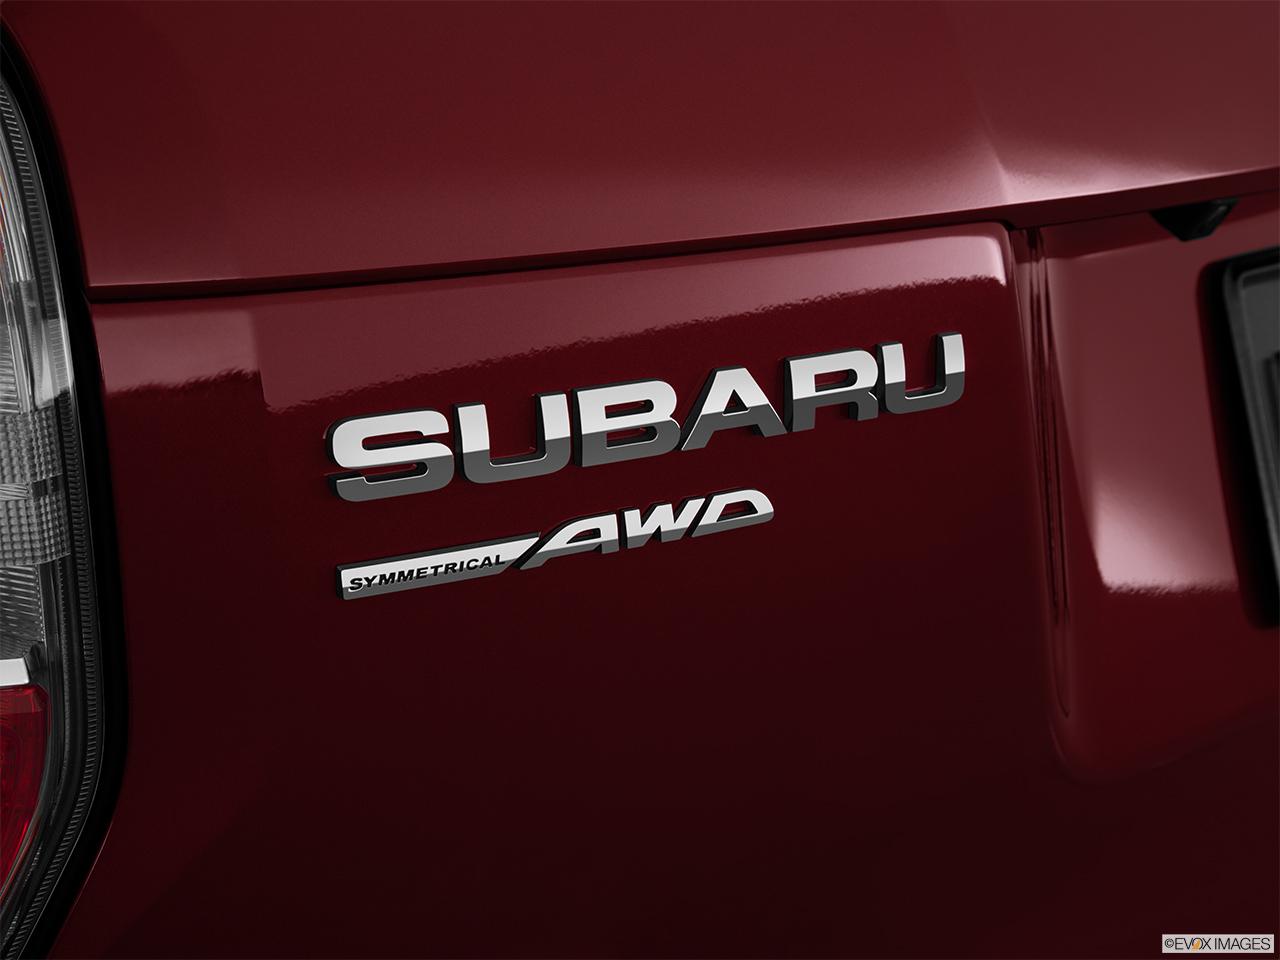 Subaru 2015 subaru forester specs : 9746_st1280_091.jpg